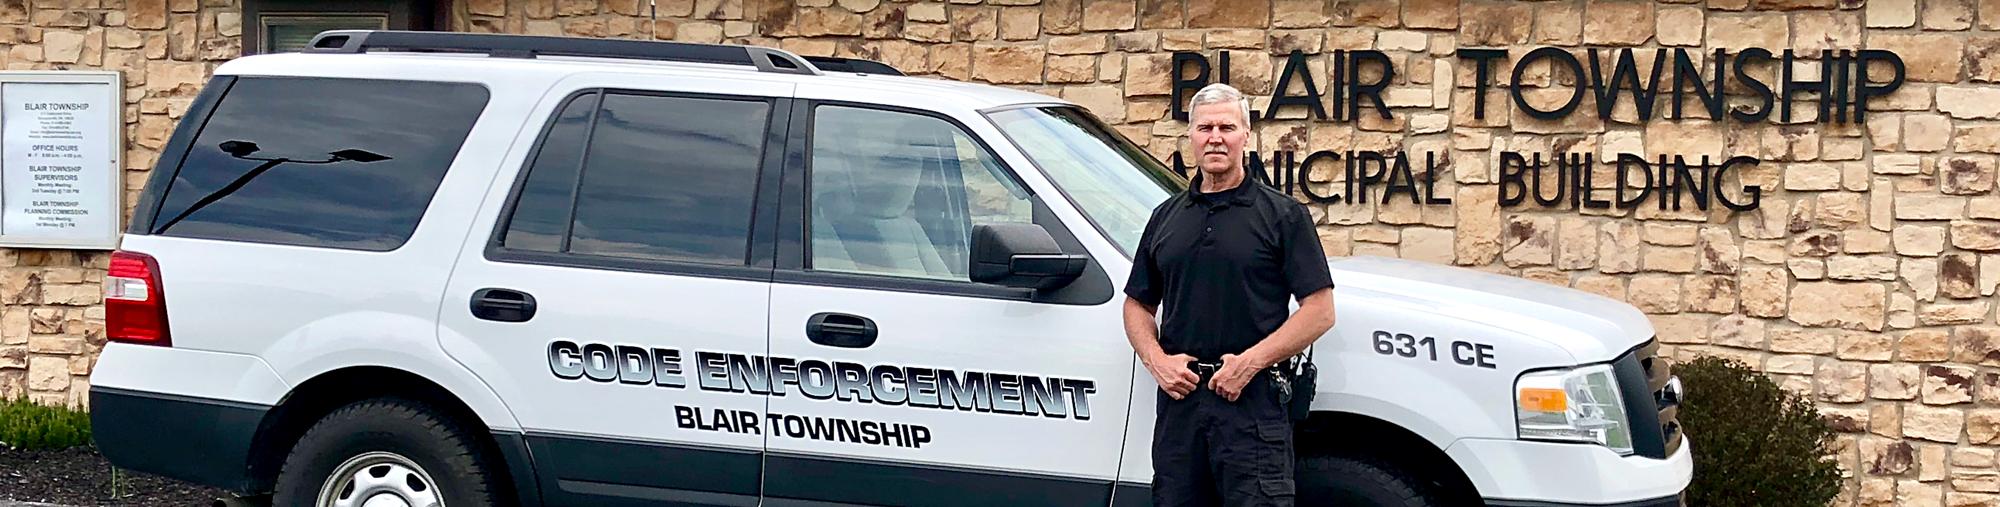 Code Enforcement Ordinances Blair Township